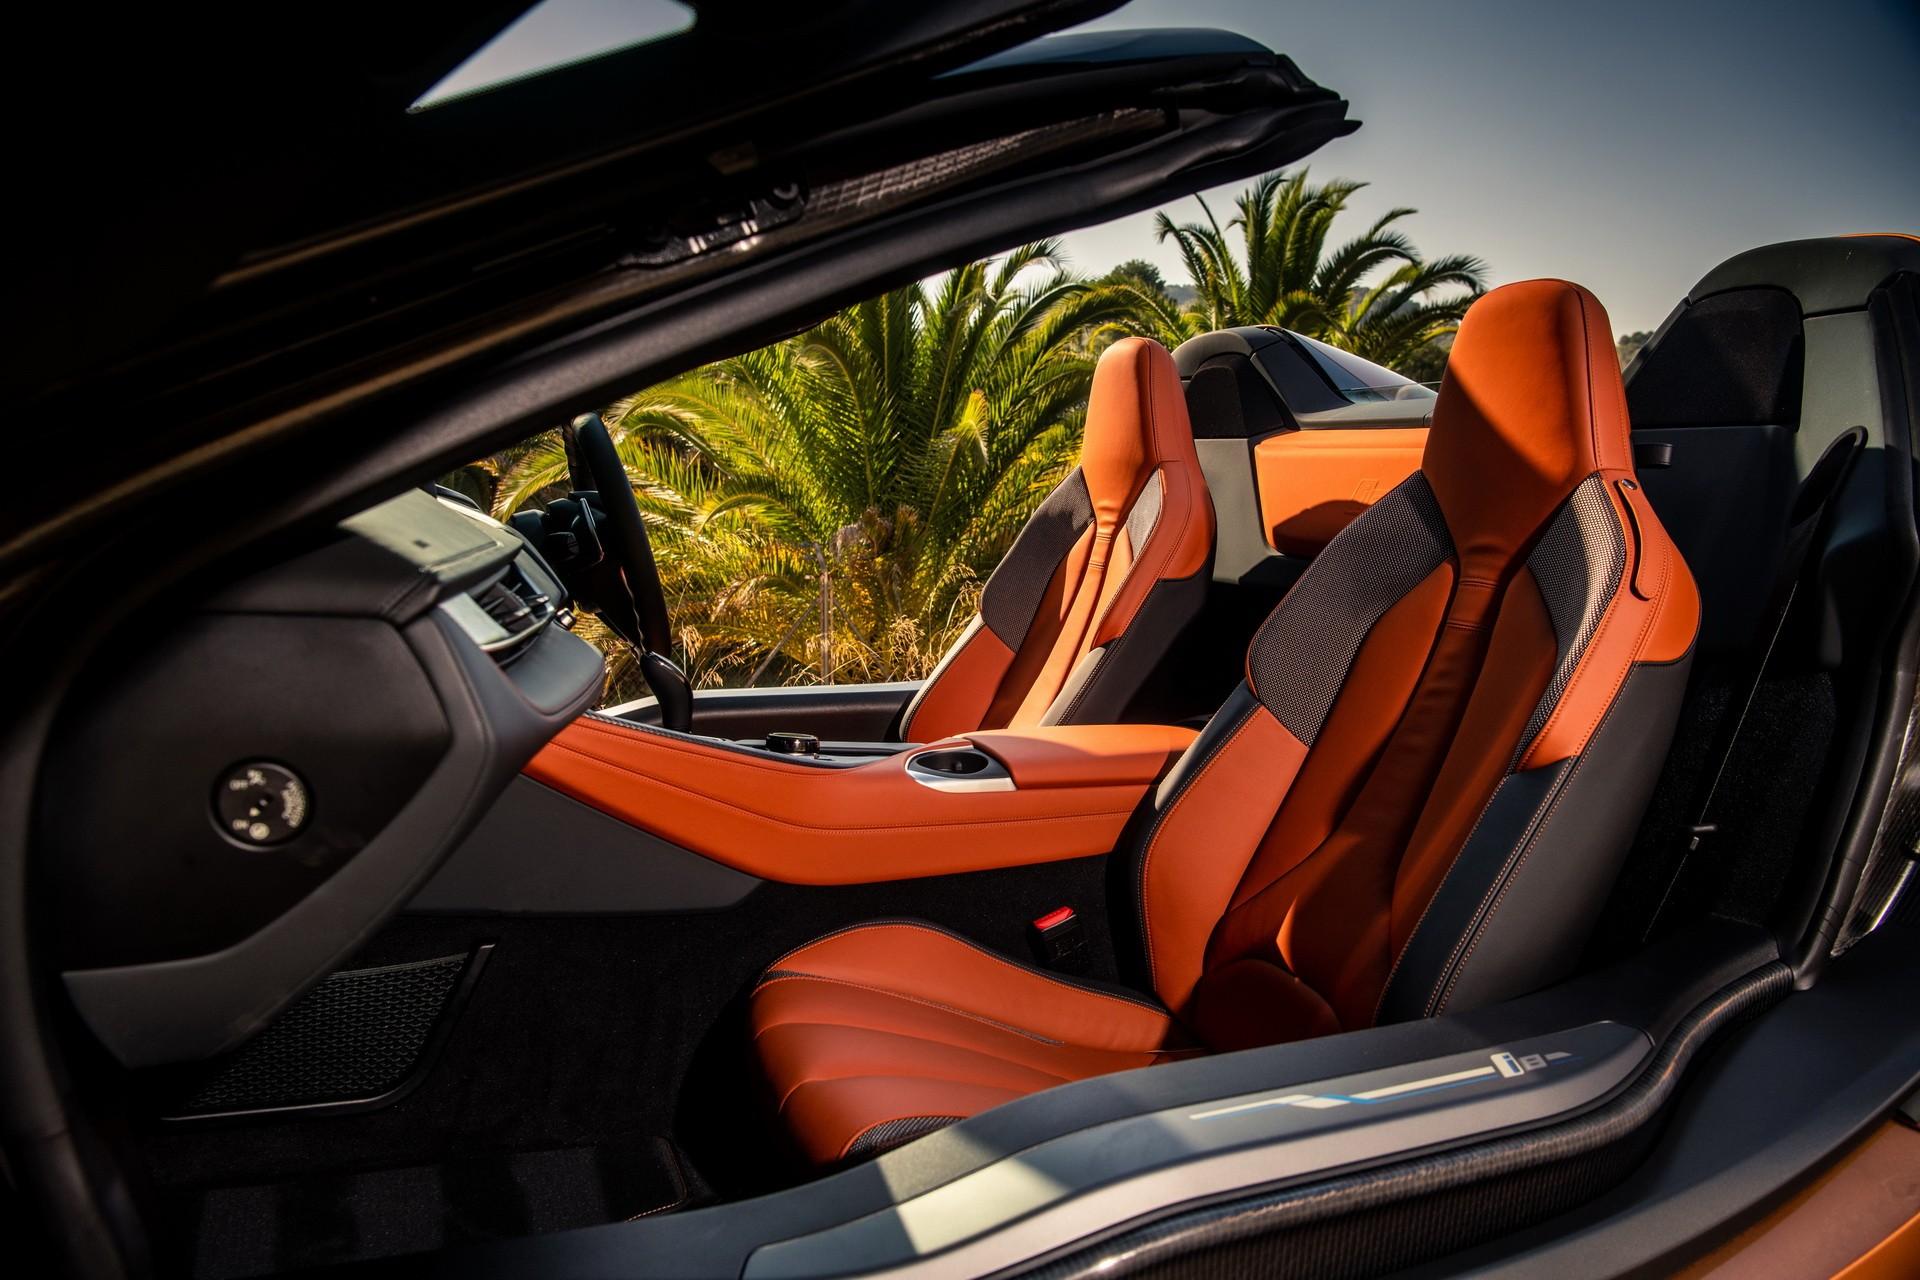 Lộ diện hình ảnh BMW i8 thoát xác với hình hài mới, sắc sảo không ngờ - Hình 3